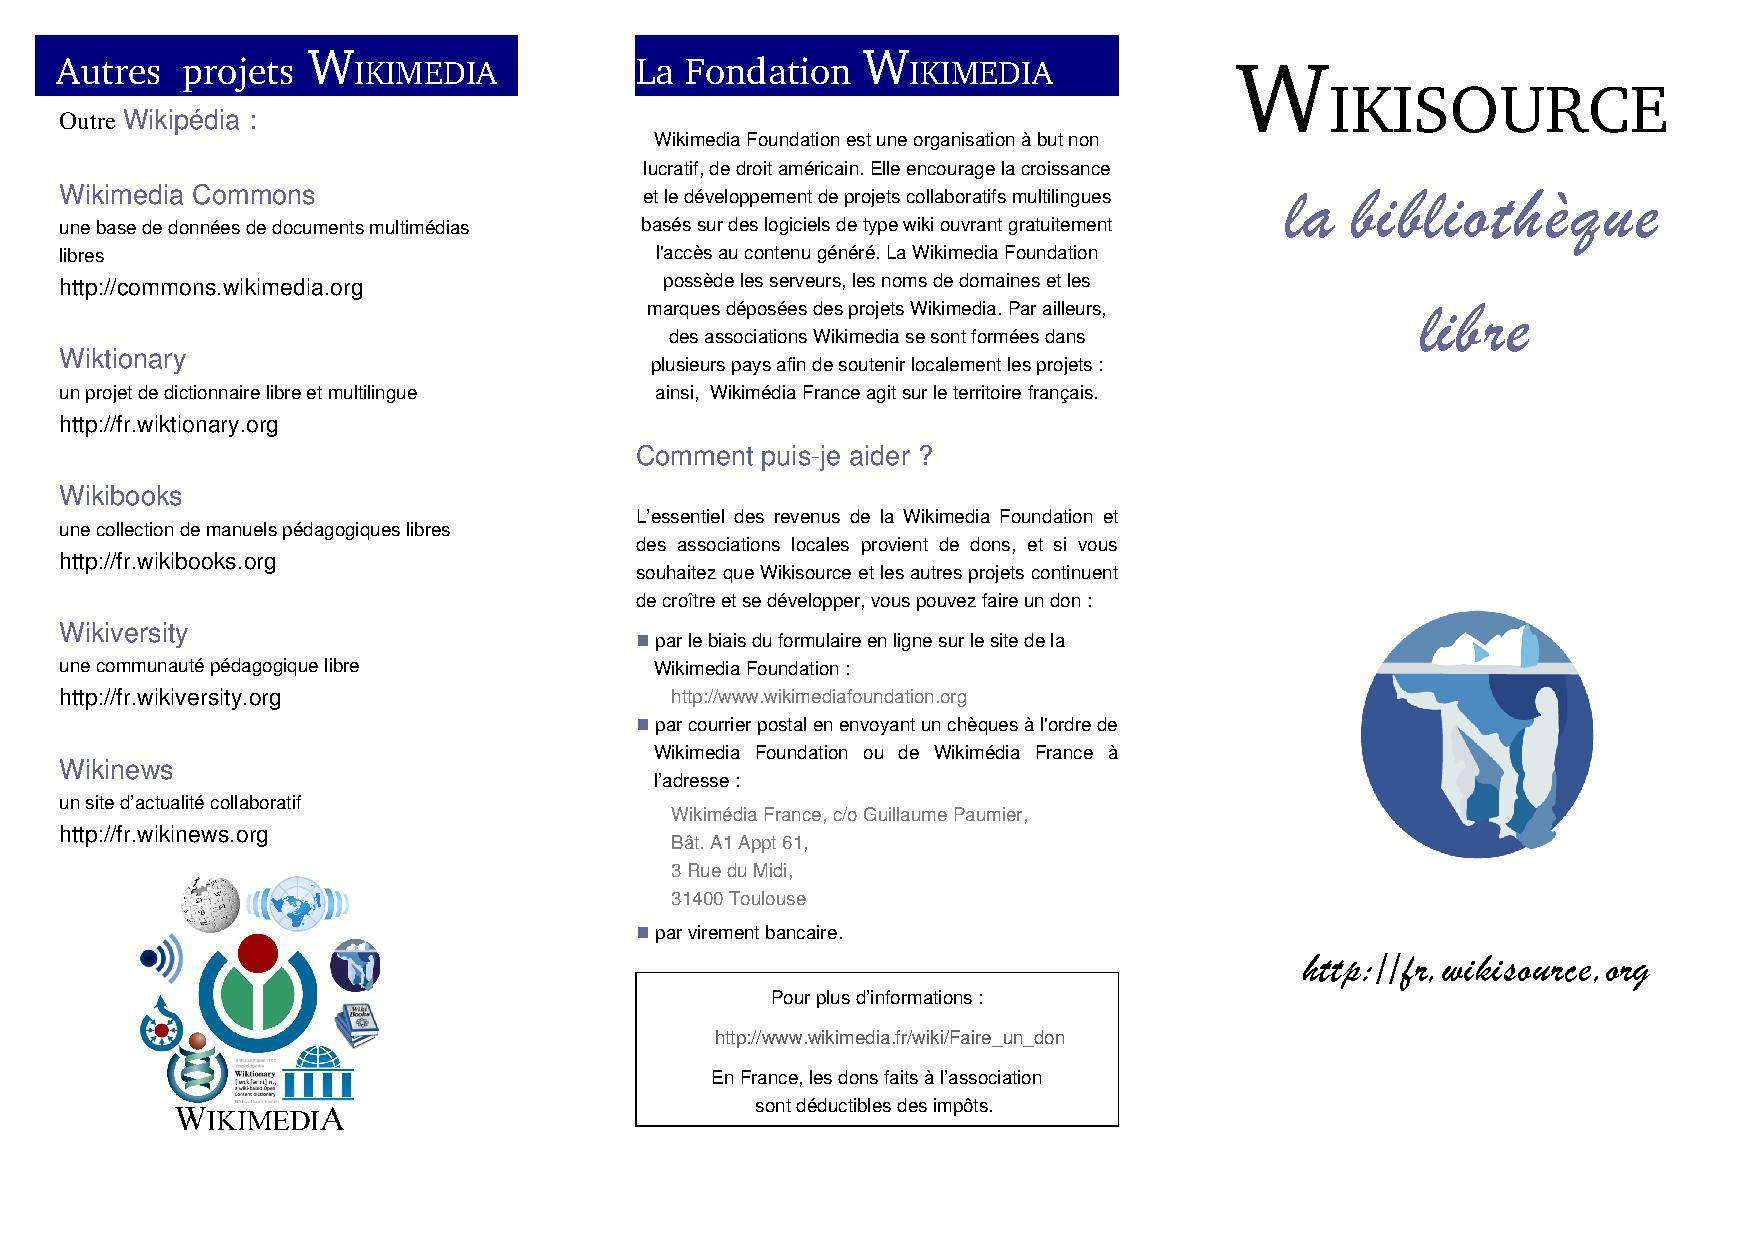 Wikisource Scriptorium 2008 - Wikisource f63488007e1